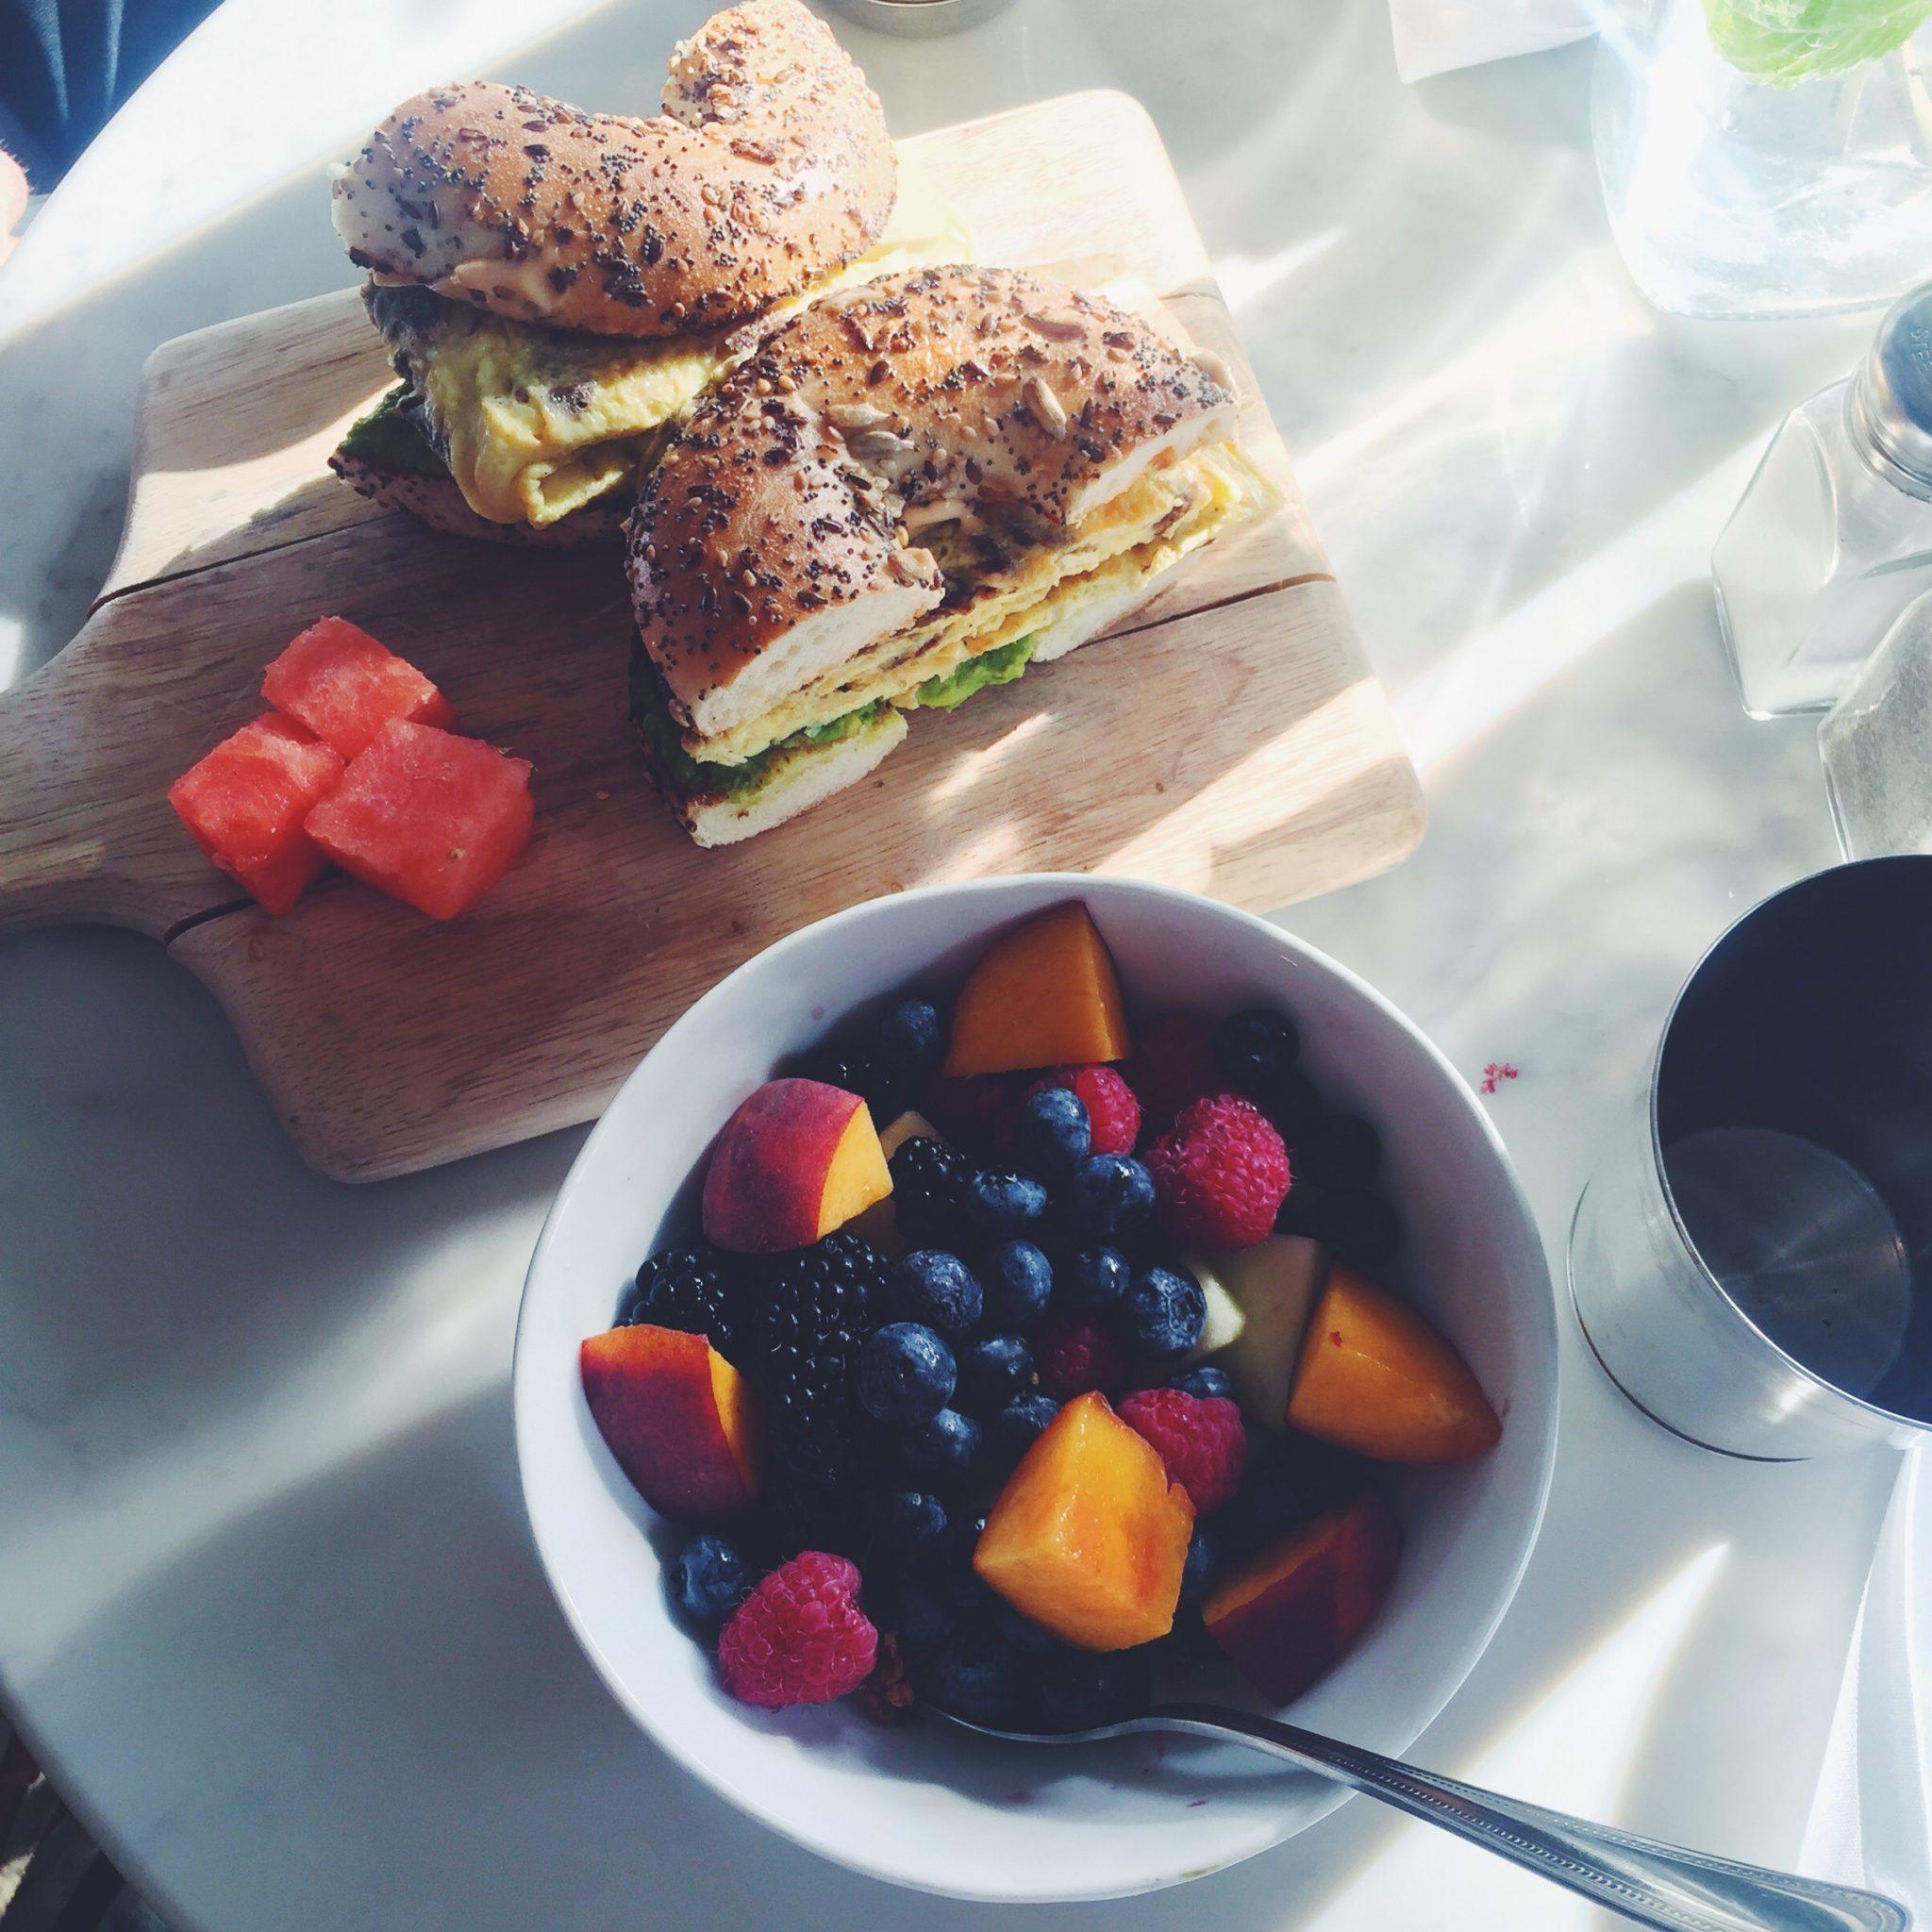 Brunch / morgenmad på The Butcher's Daughter. kokosyoghurt med bær og bagels med fyld